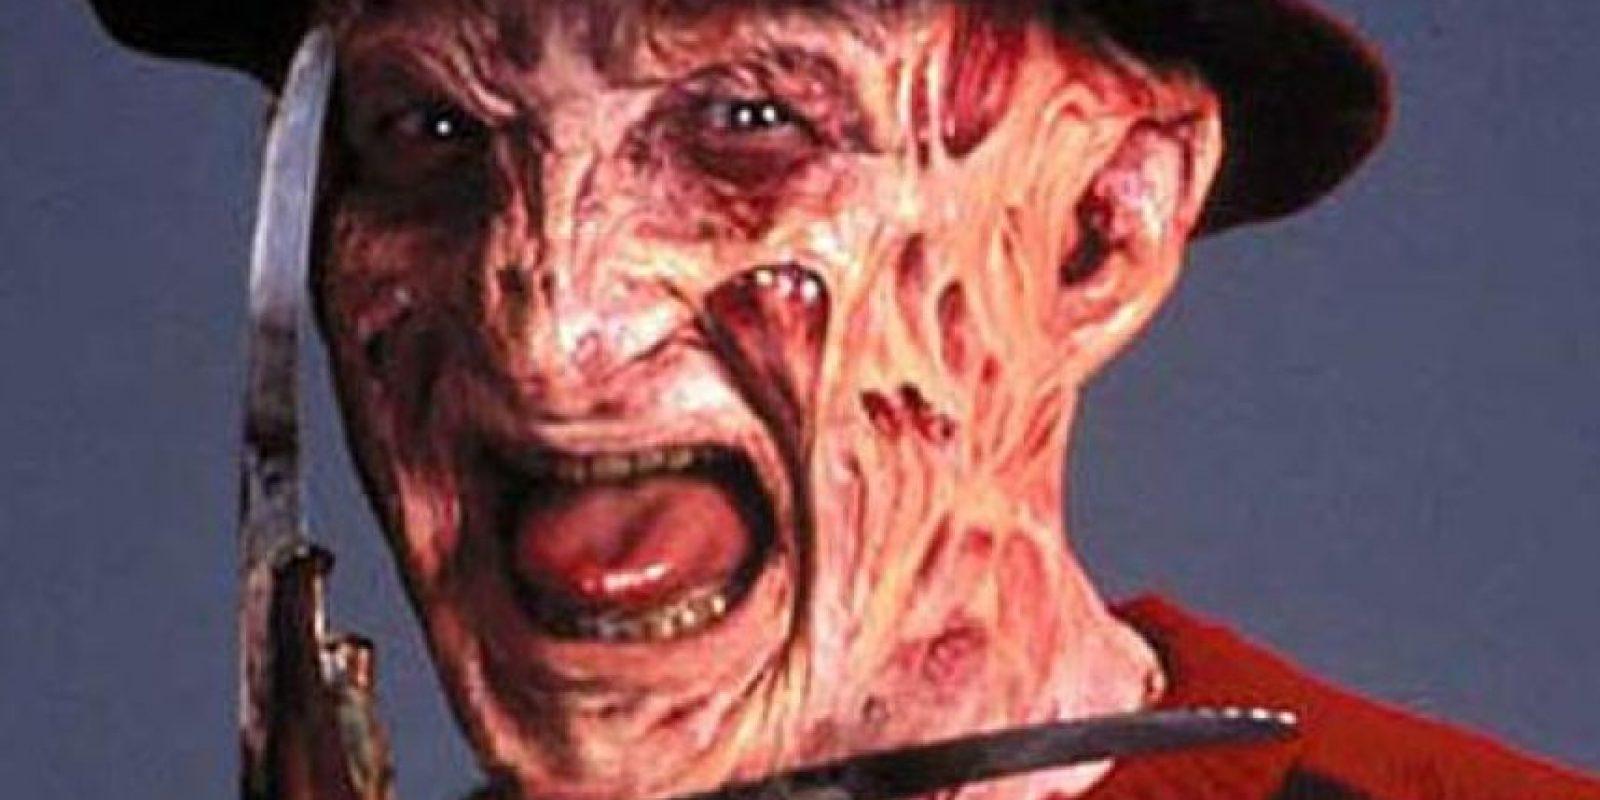 'Pesadilla sin fin' (1984) es protagonizada por el popular personaje de Freddy Krueger. Está basada en casos de personas que vivían en el sureste de Asia y que murieron mientras tenían pesadillas Foto:Internet